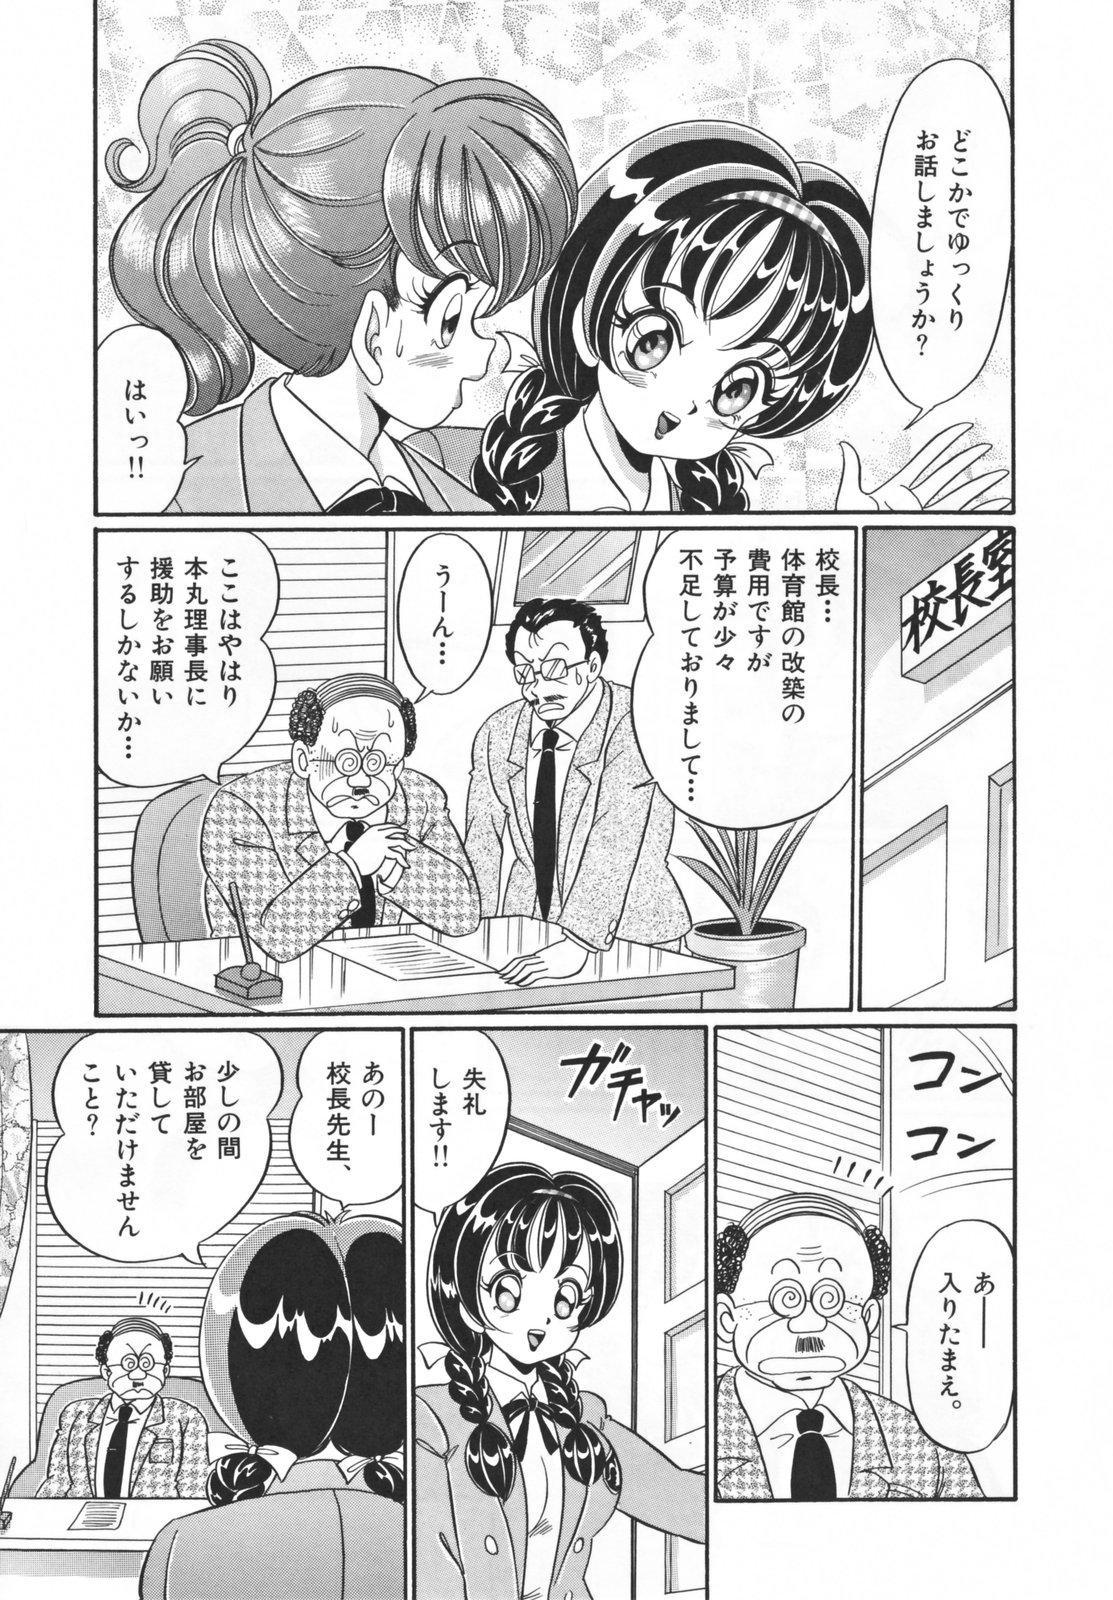 Houkago no Bakunyuu Hatsutaiken 108